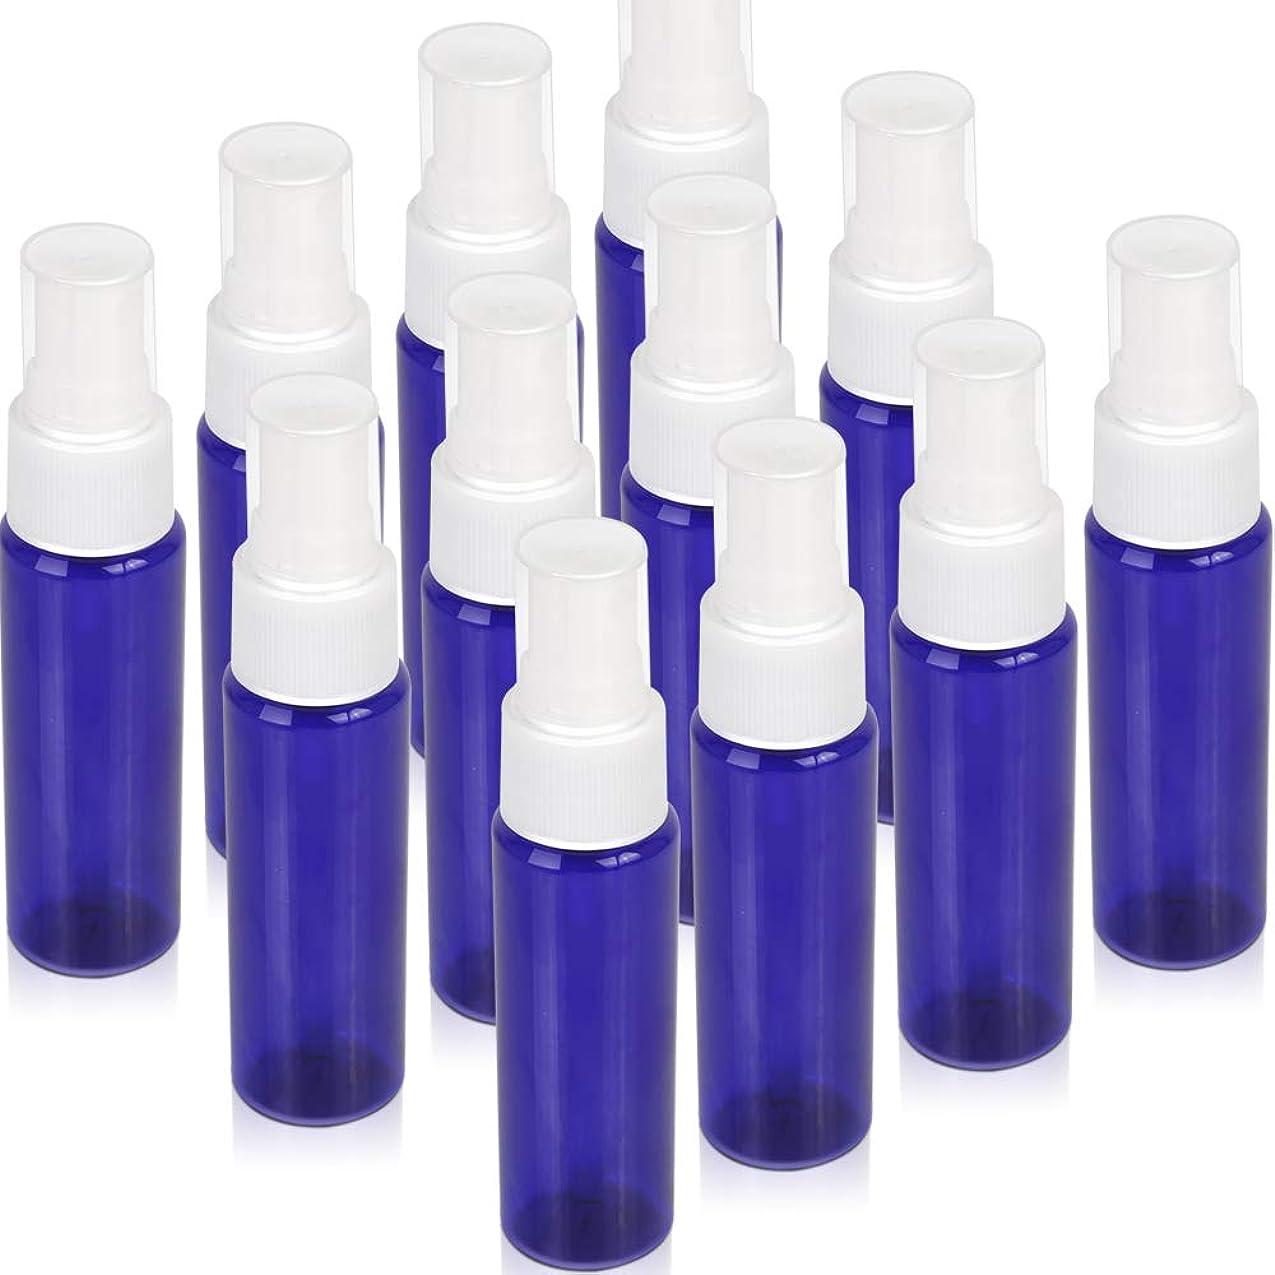 美容師反対ティッシュTeenitor スプレーボトル 30ml 12本 霧吹き アトマイザー スプレー容器 アロマスプレー 香水スプレー 詰め替え容器 キャップ付 青色 PET製